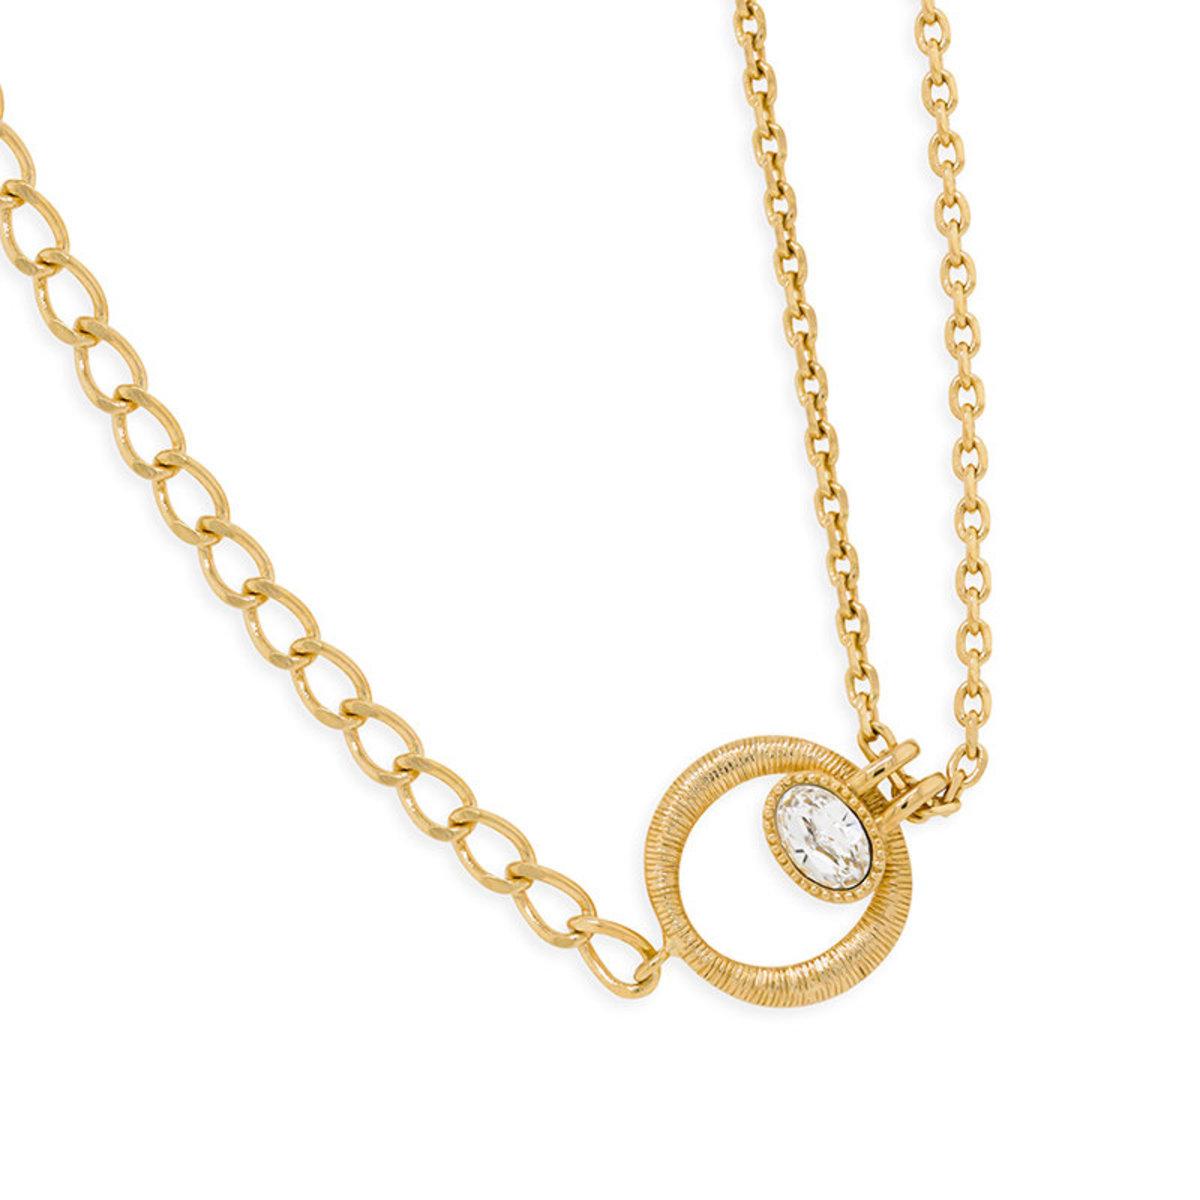 Liberté:gold plating, Swarovski crystal necklace